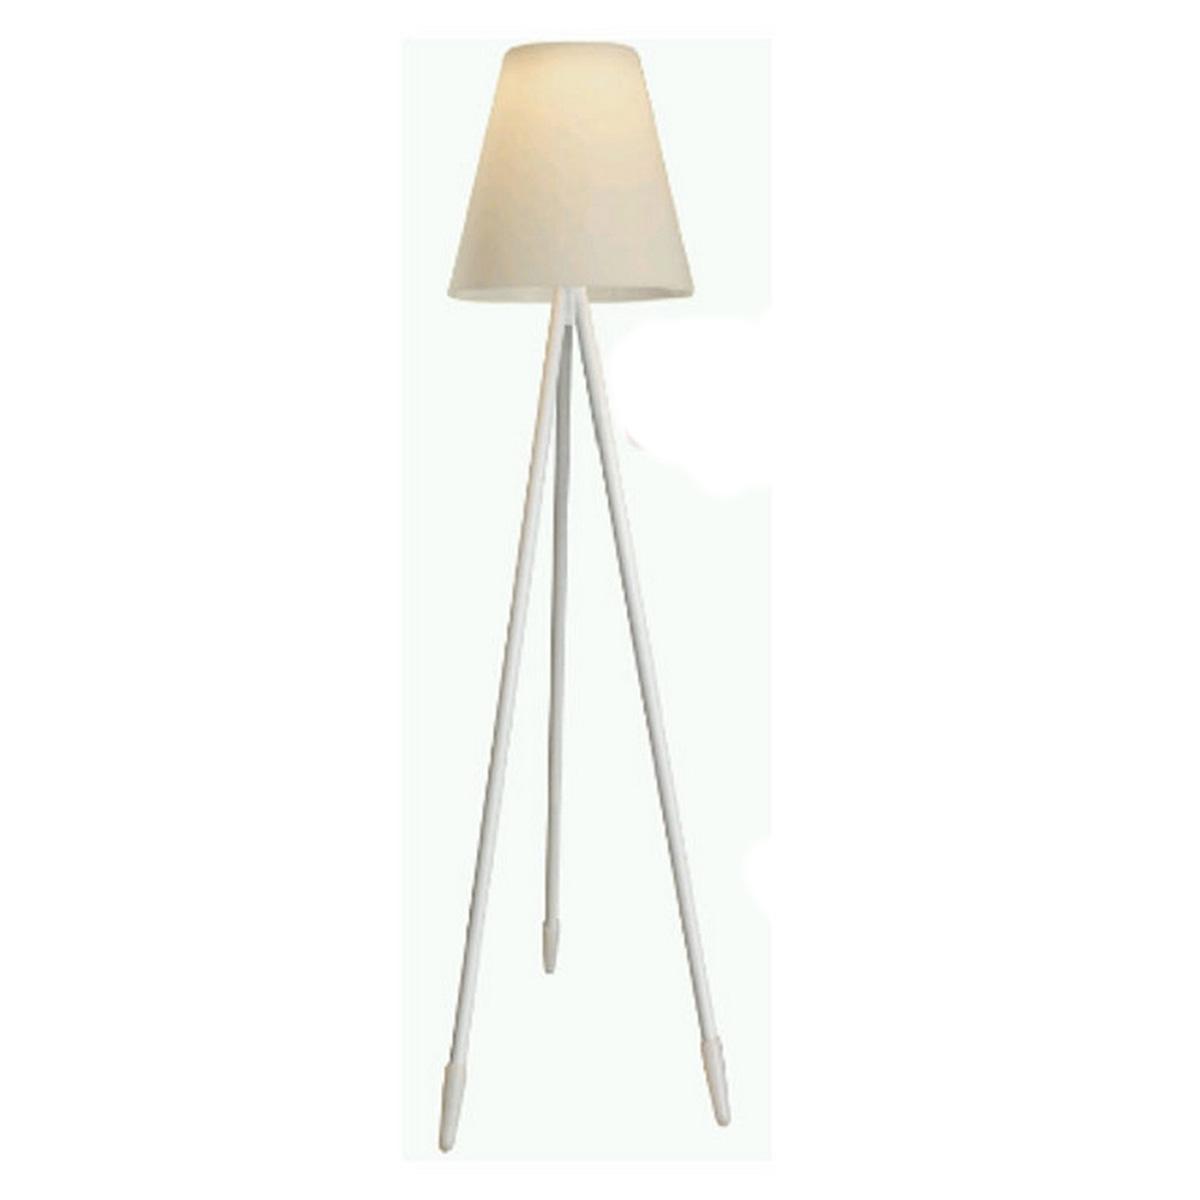 Lampadaire solaire à 3 pieds - Blanc - 60.00 cm x 60.00 cm x 150.00 cm